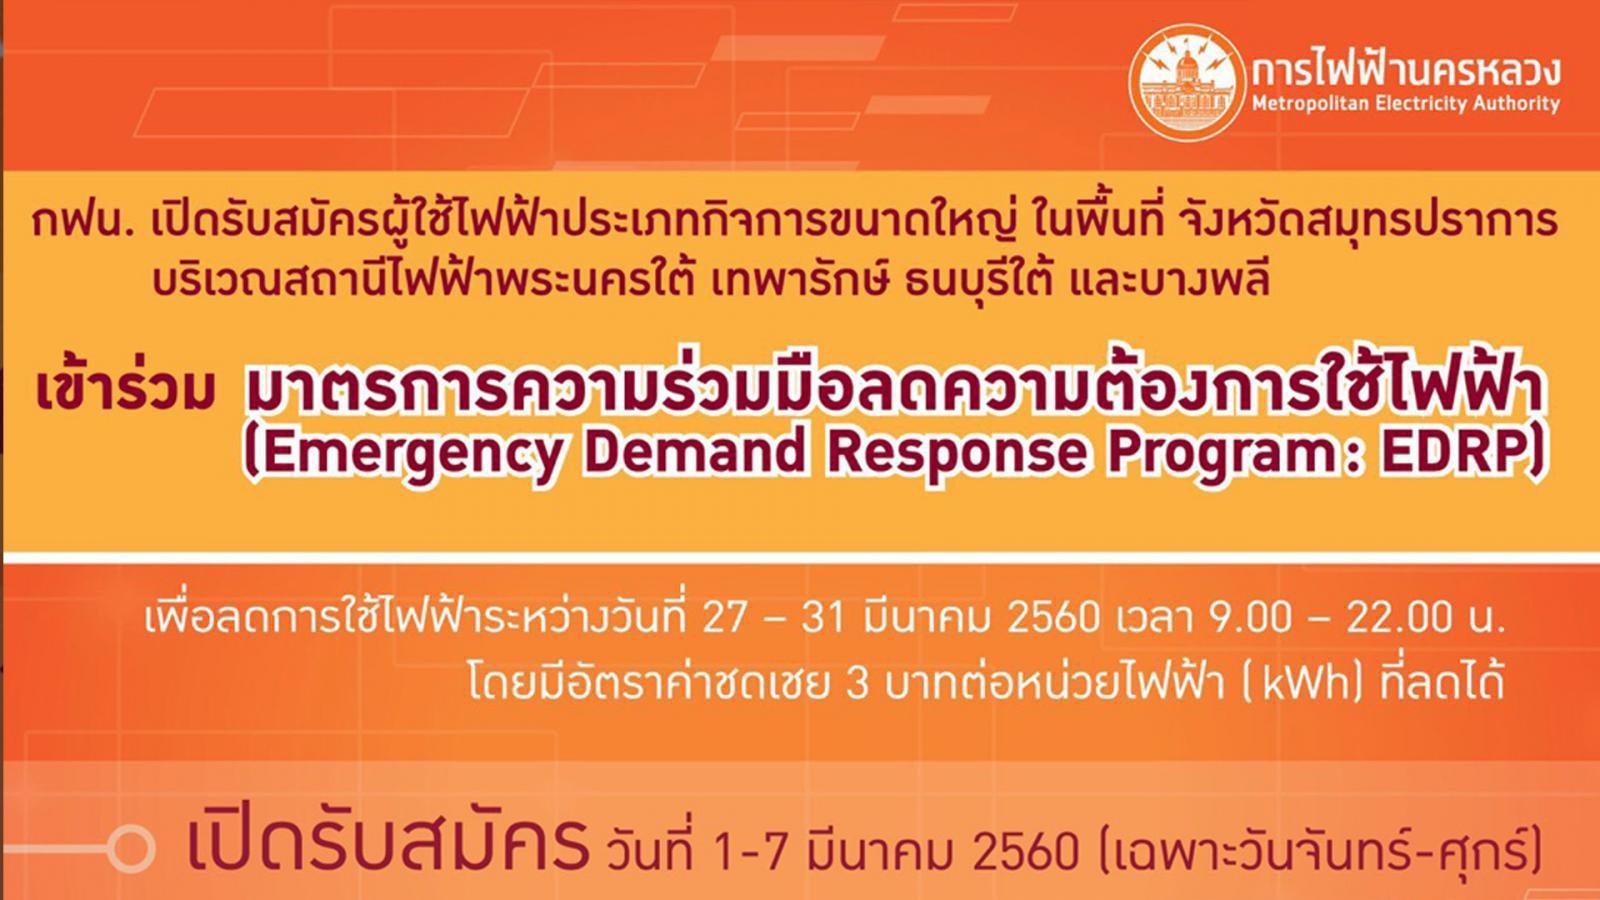 กฟน. เชิญผู้ใช้ไฟฟ้ากิจการขนาดใหญ่สมัครมาตรการ Emergency Demand Response ปี 2560